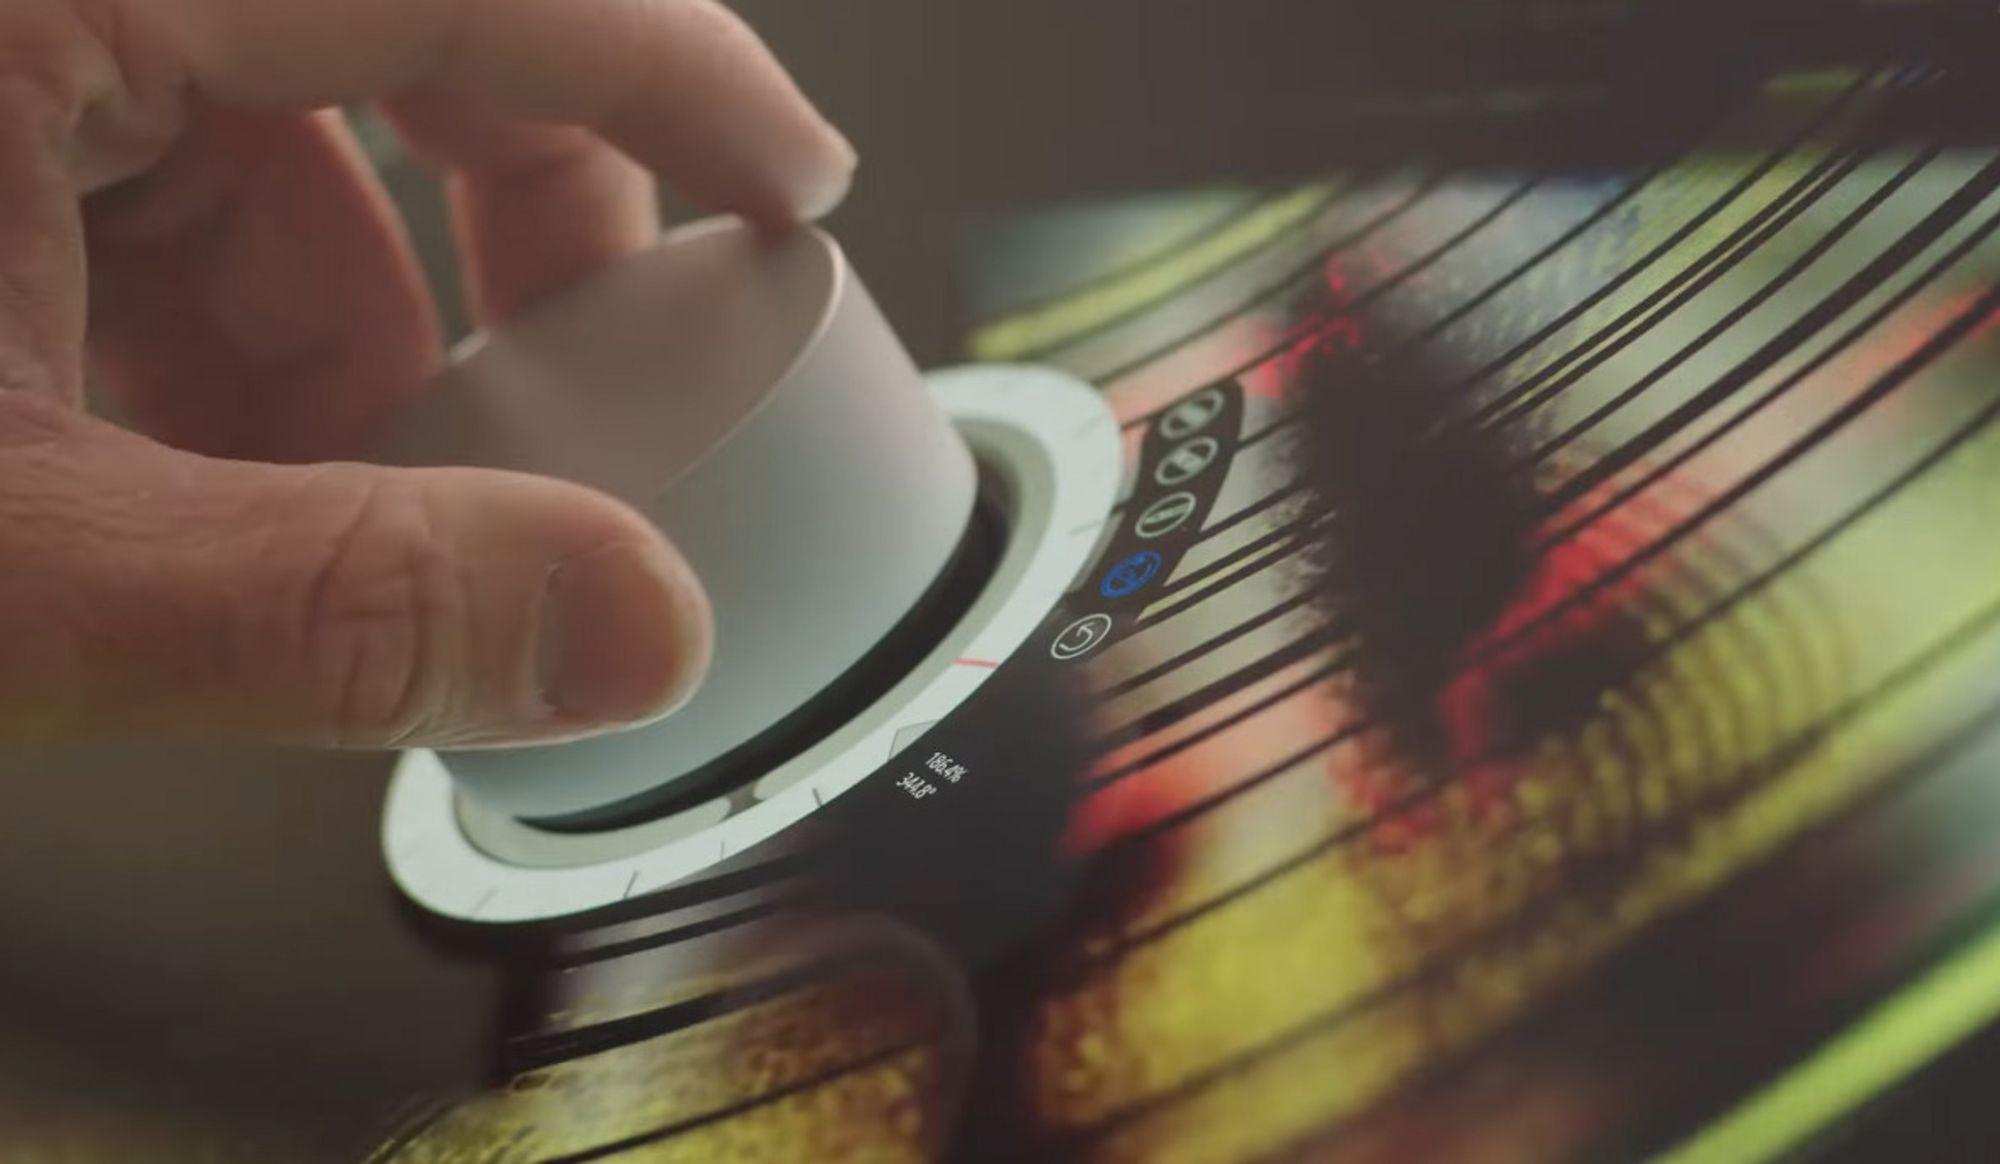 Applikasjonsutviklere kan lage egne brukergrensesnitt som dukker opp når Surface Dial legges på skjermen.